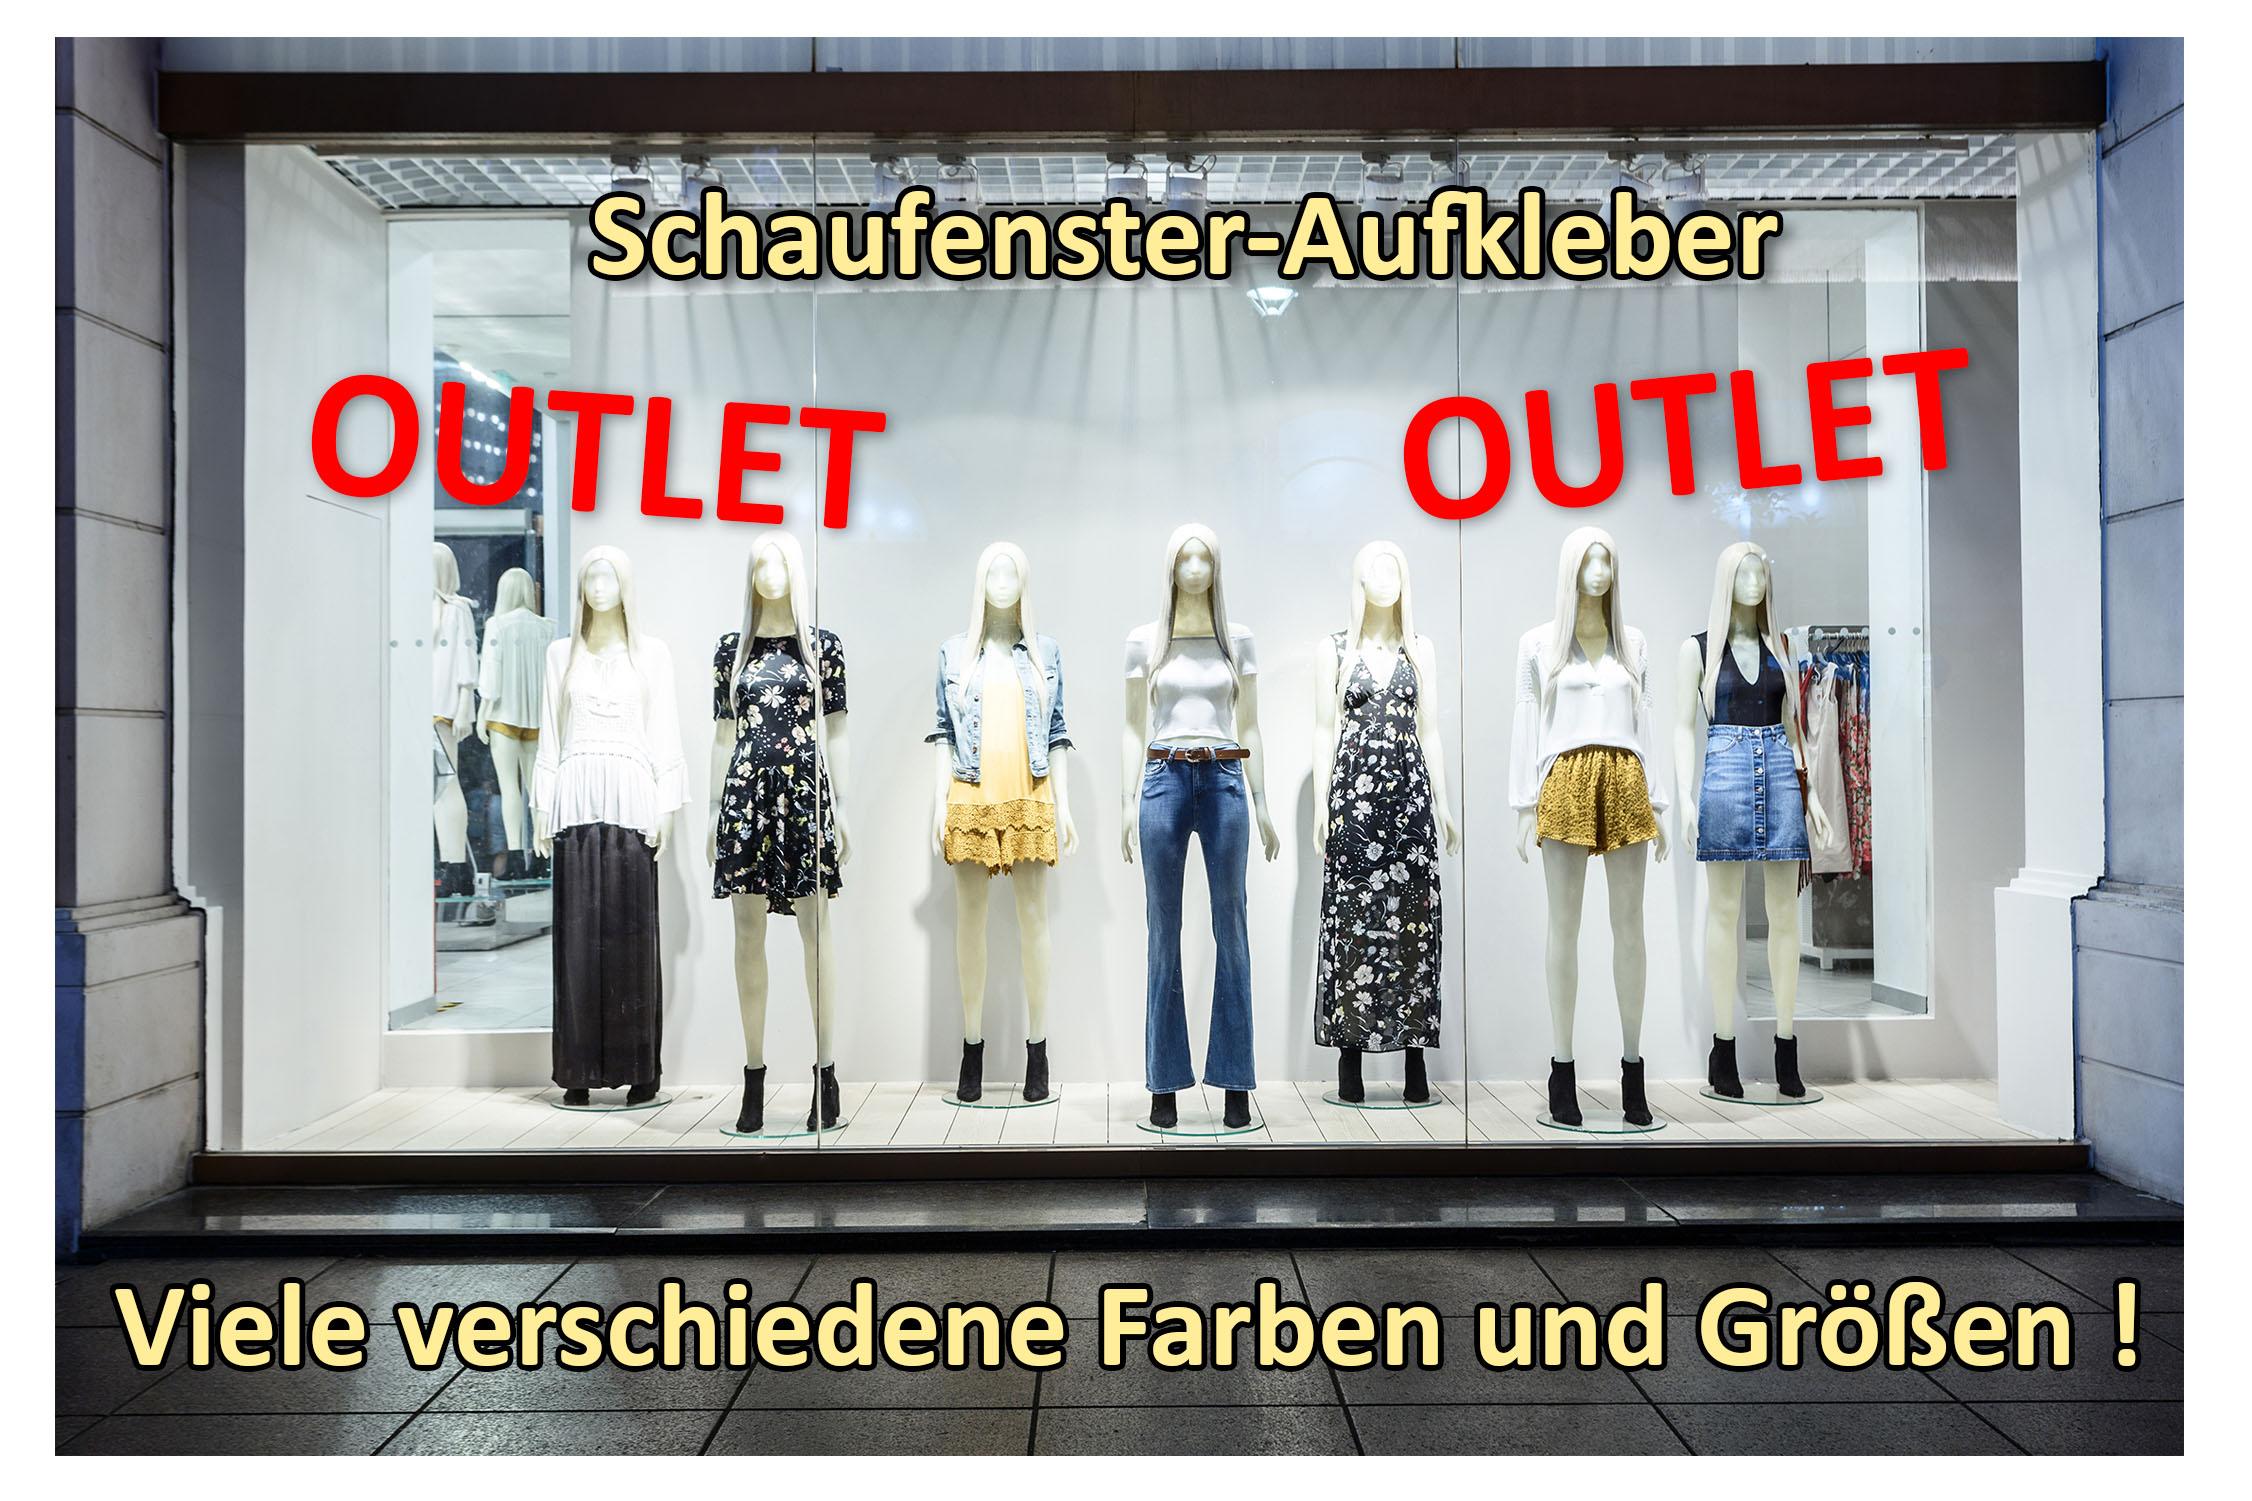 Aufkleber OUTLET ROT 2 Stück verschiedene Größen Einzelhandel Schaufenster Werbung Reduziert